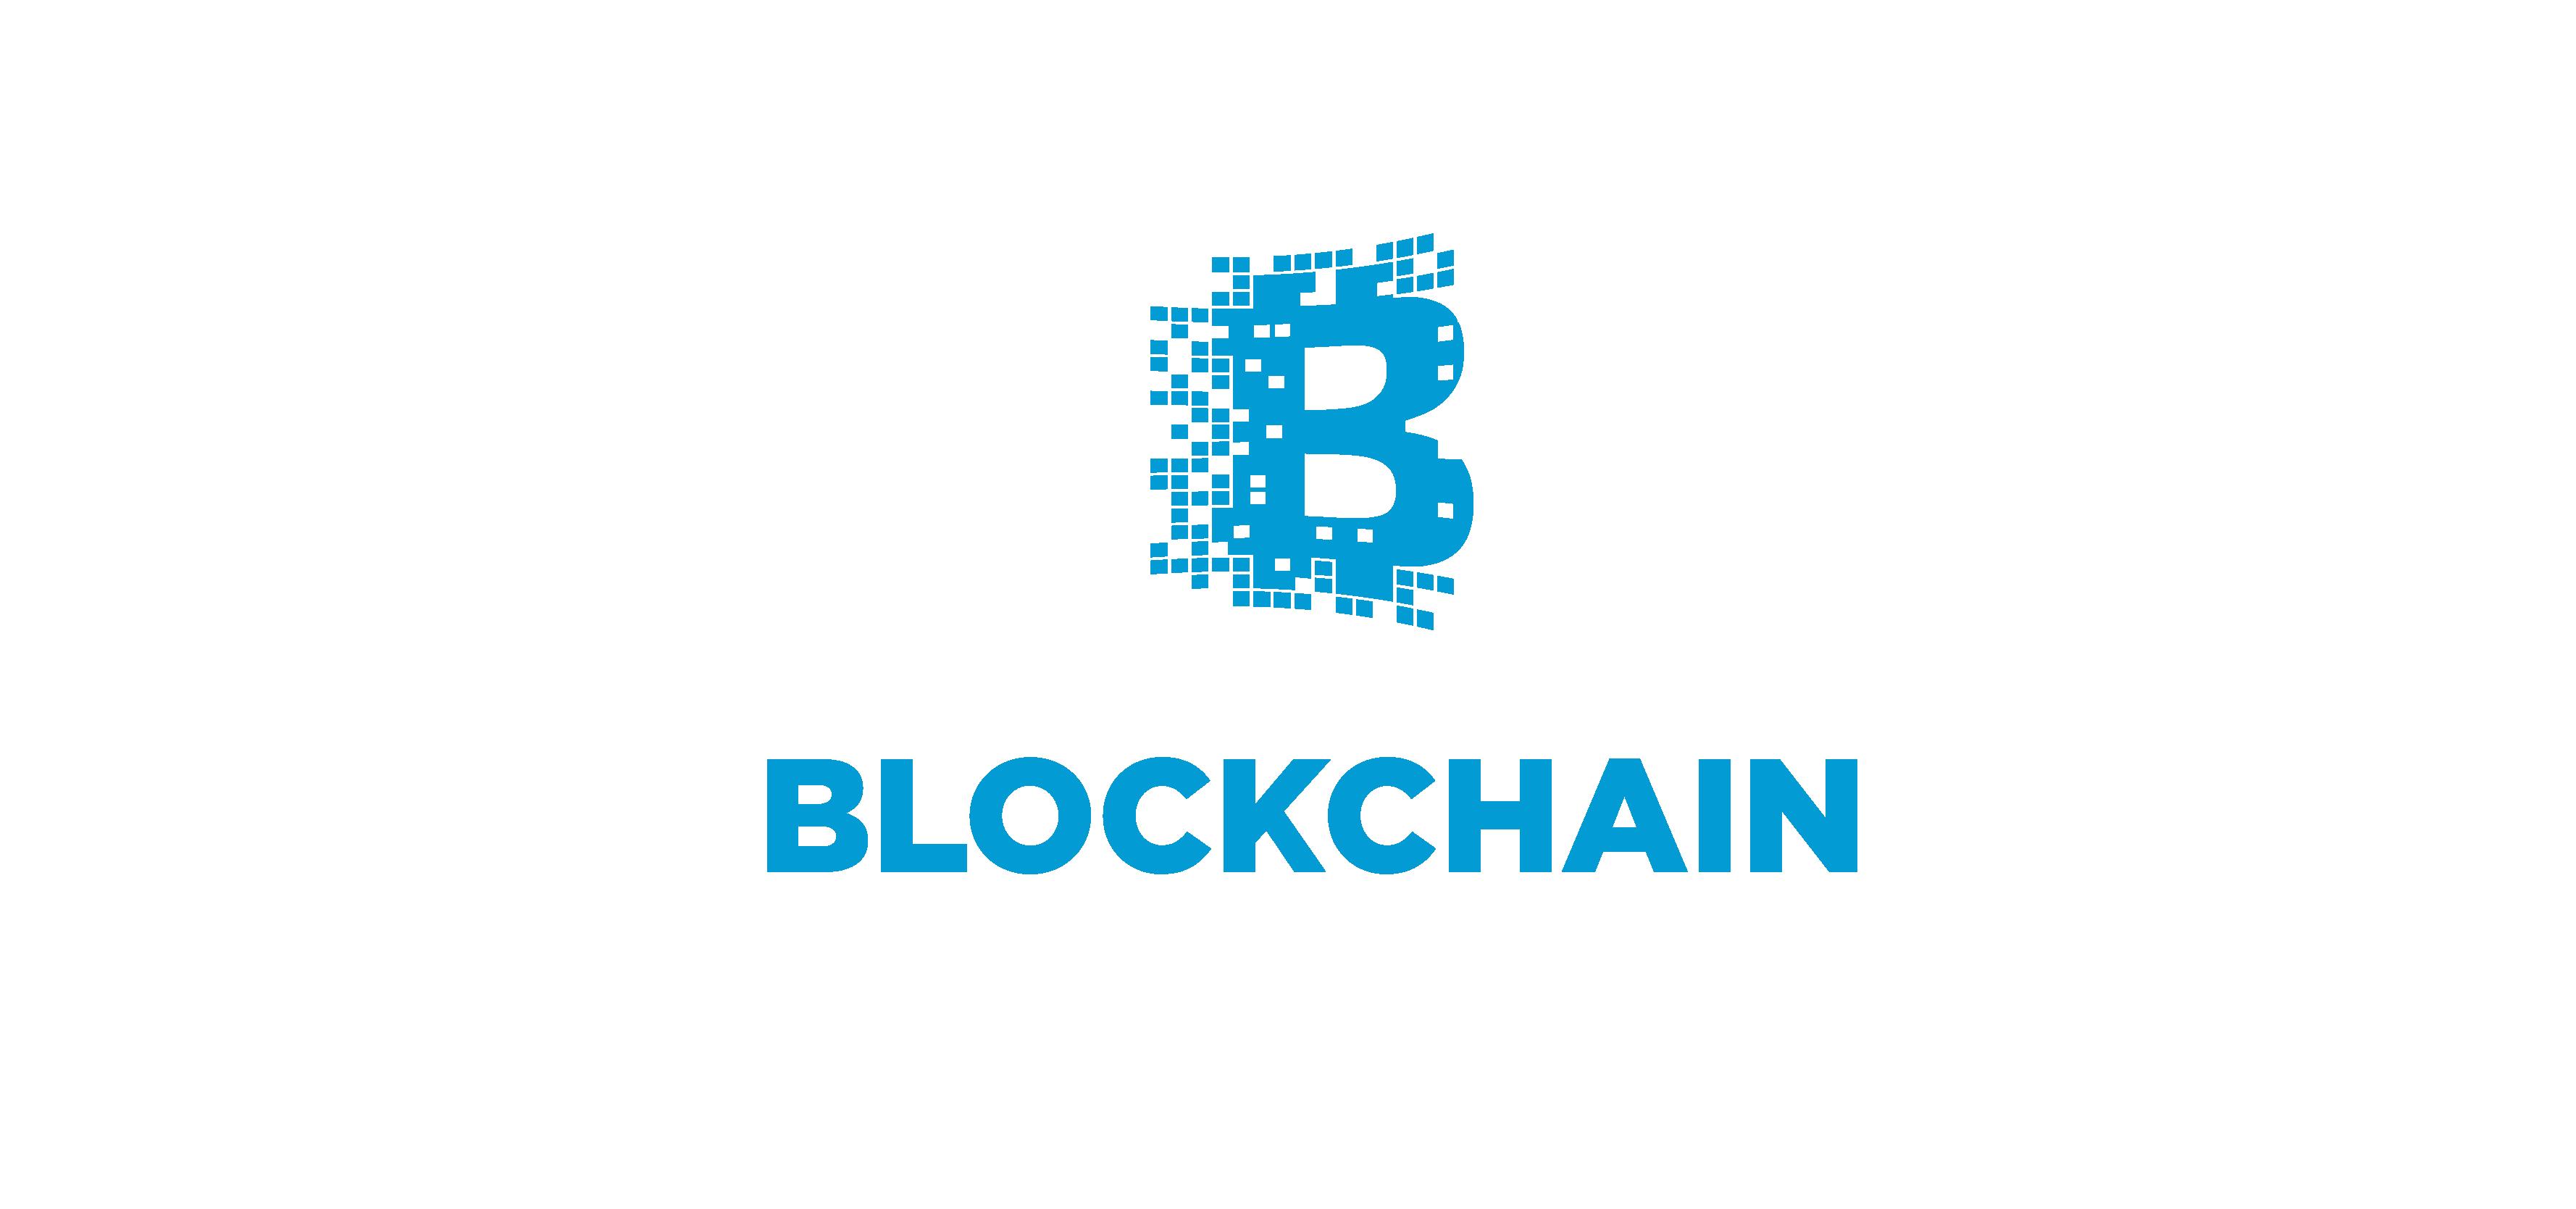 [СПб, Анонс] Встреча CodeFreeze с Александром Чепурным про блокчейн для раз ...